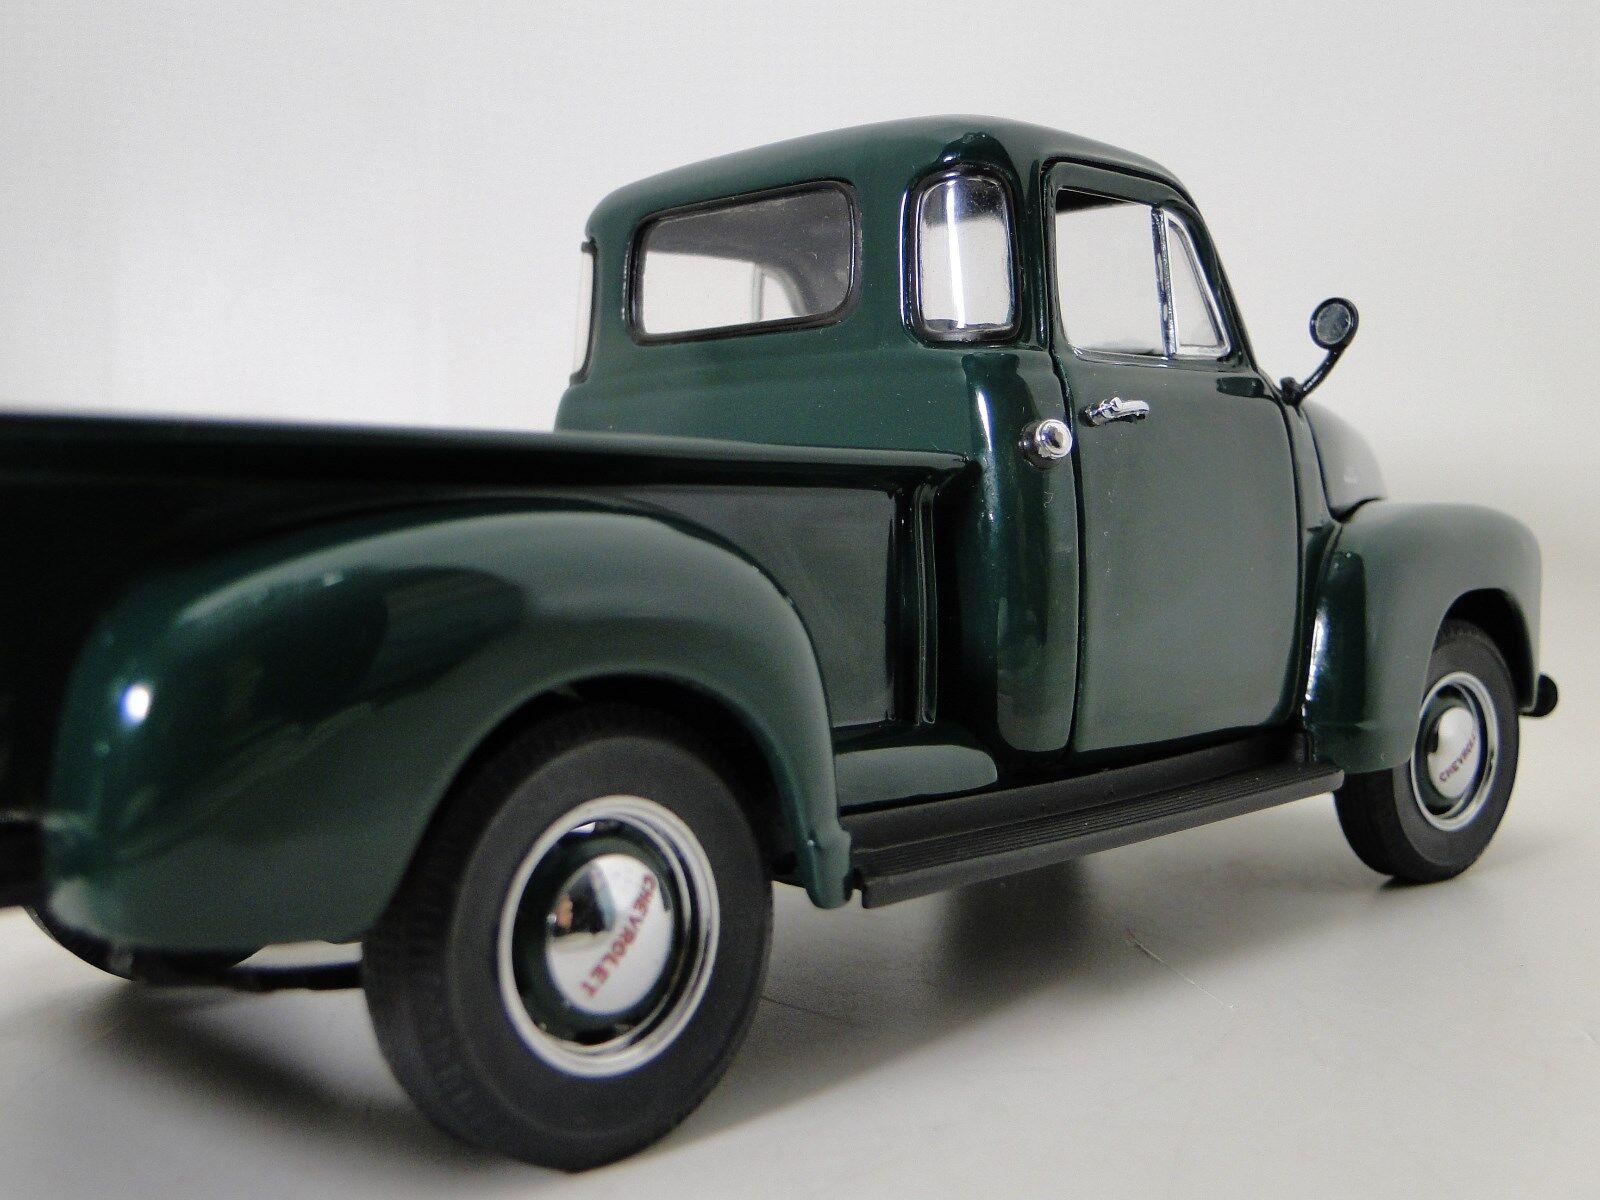 1 Camioneta Ford 1950s Deporte Vintage Modelo del Coche Antiguo F150 T a 18